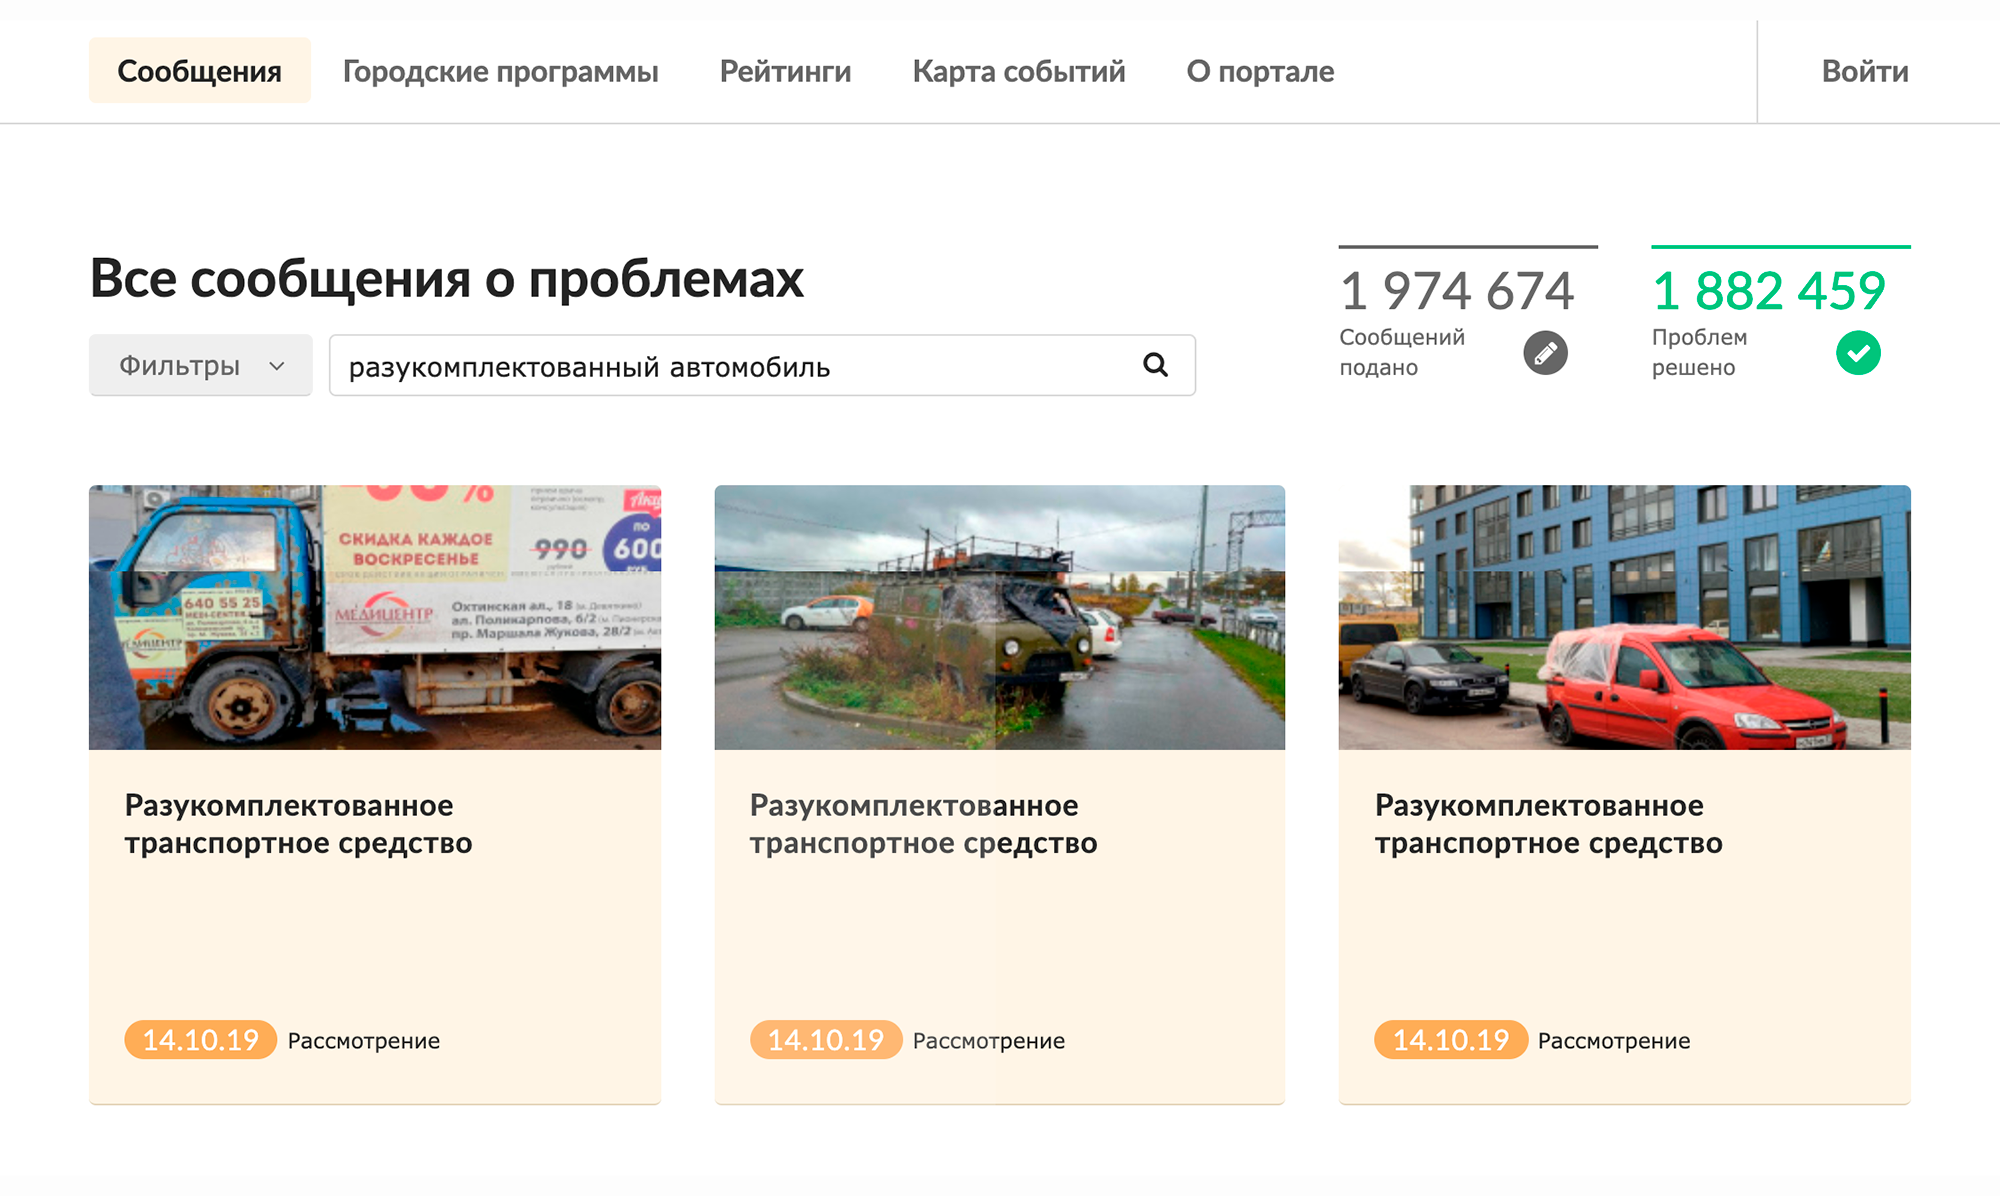 В Санкт-Петербурге тоже есть подобный портал, где можно пожаловаться на бесхозные автомобили